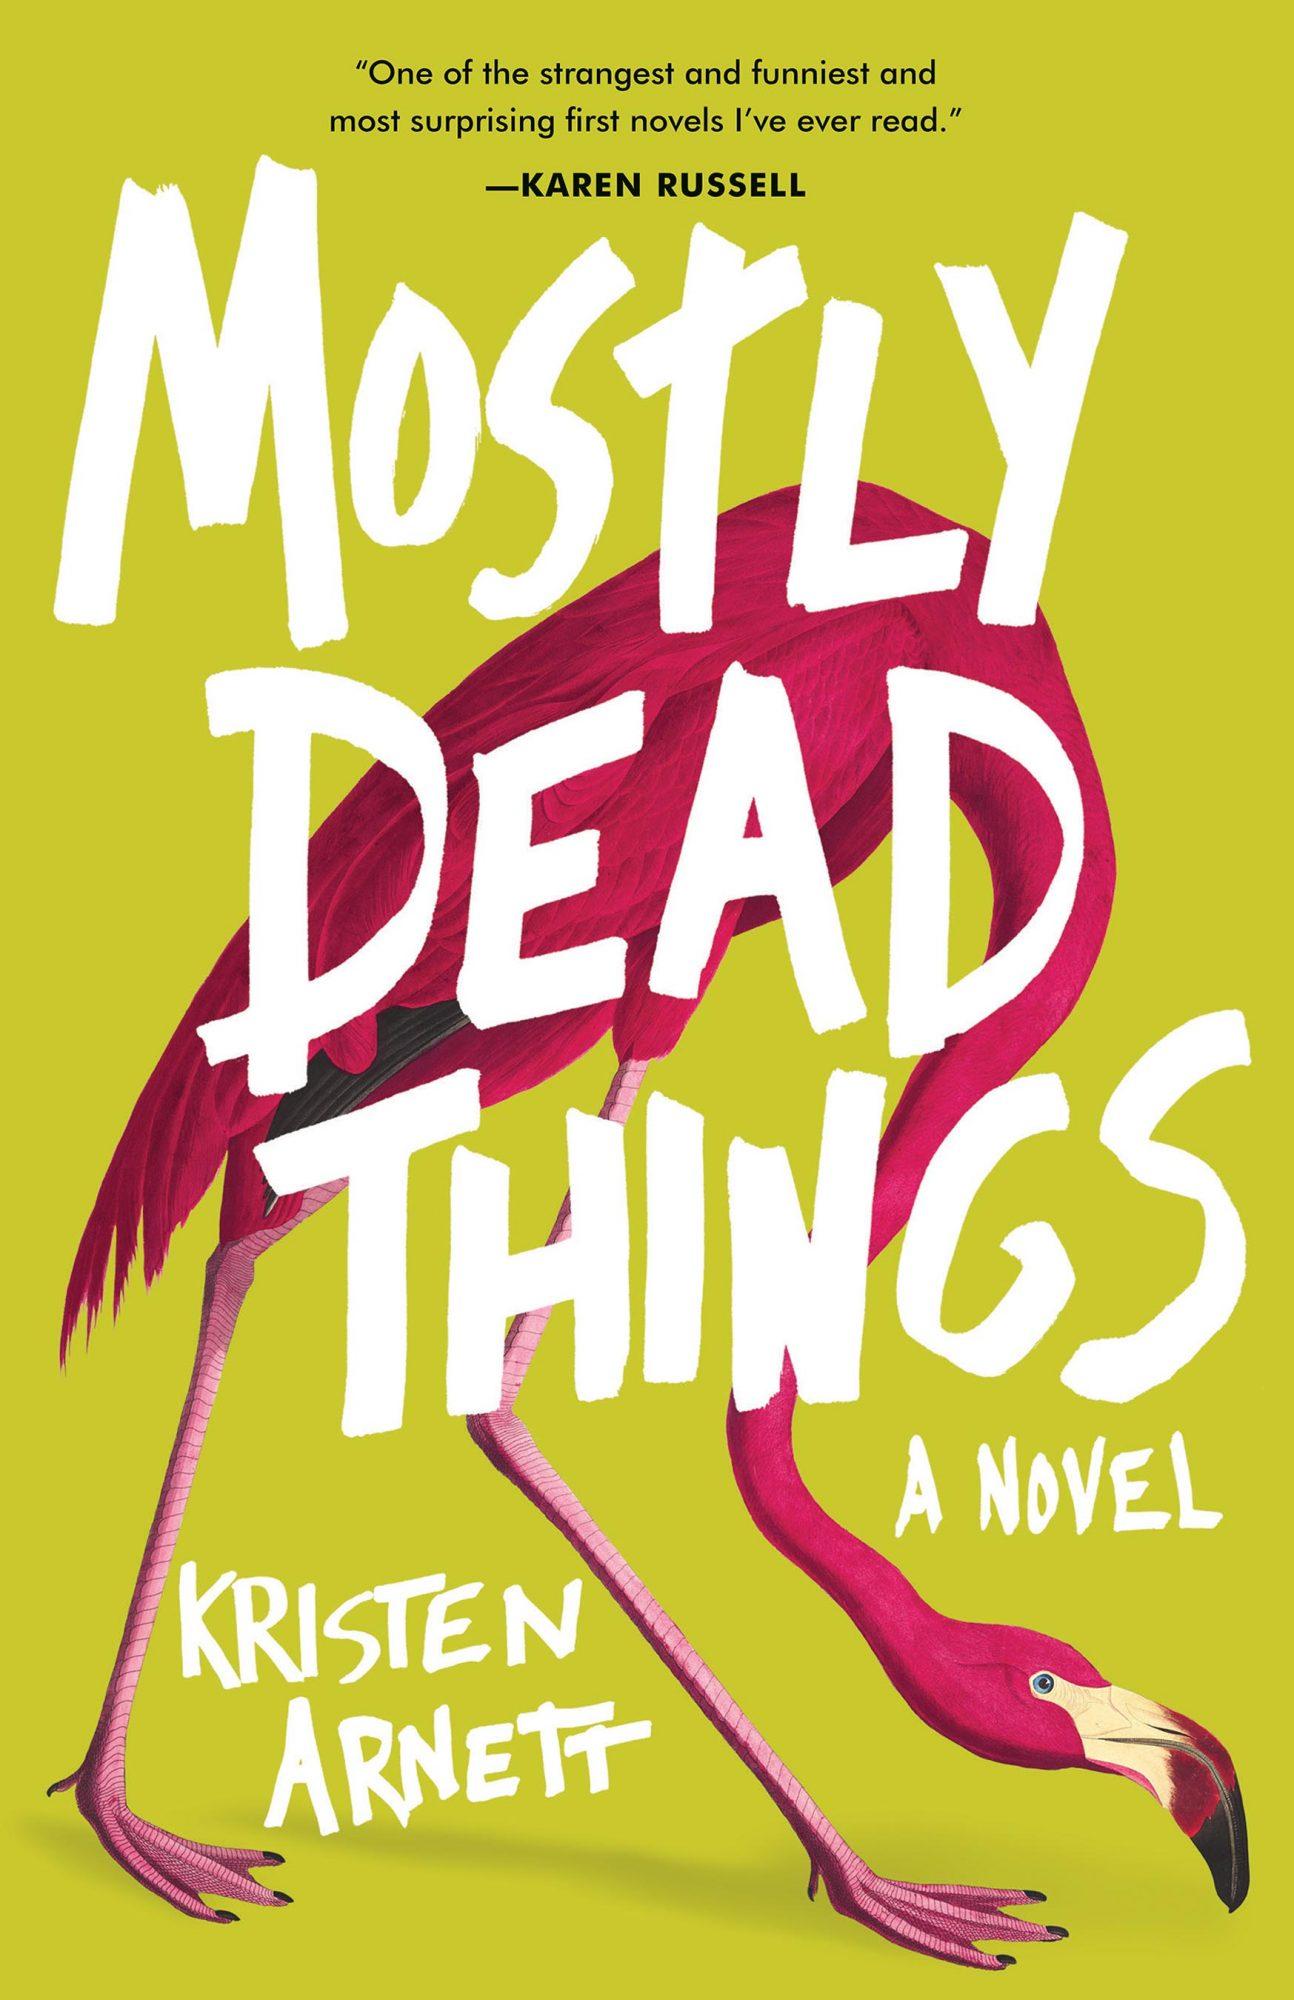 Mostly Dead Things (2019)Author: Kristen Arnett